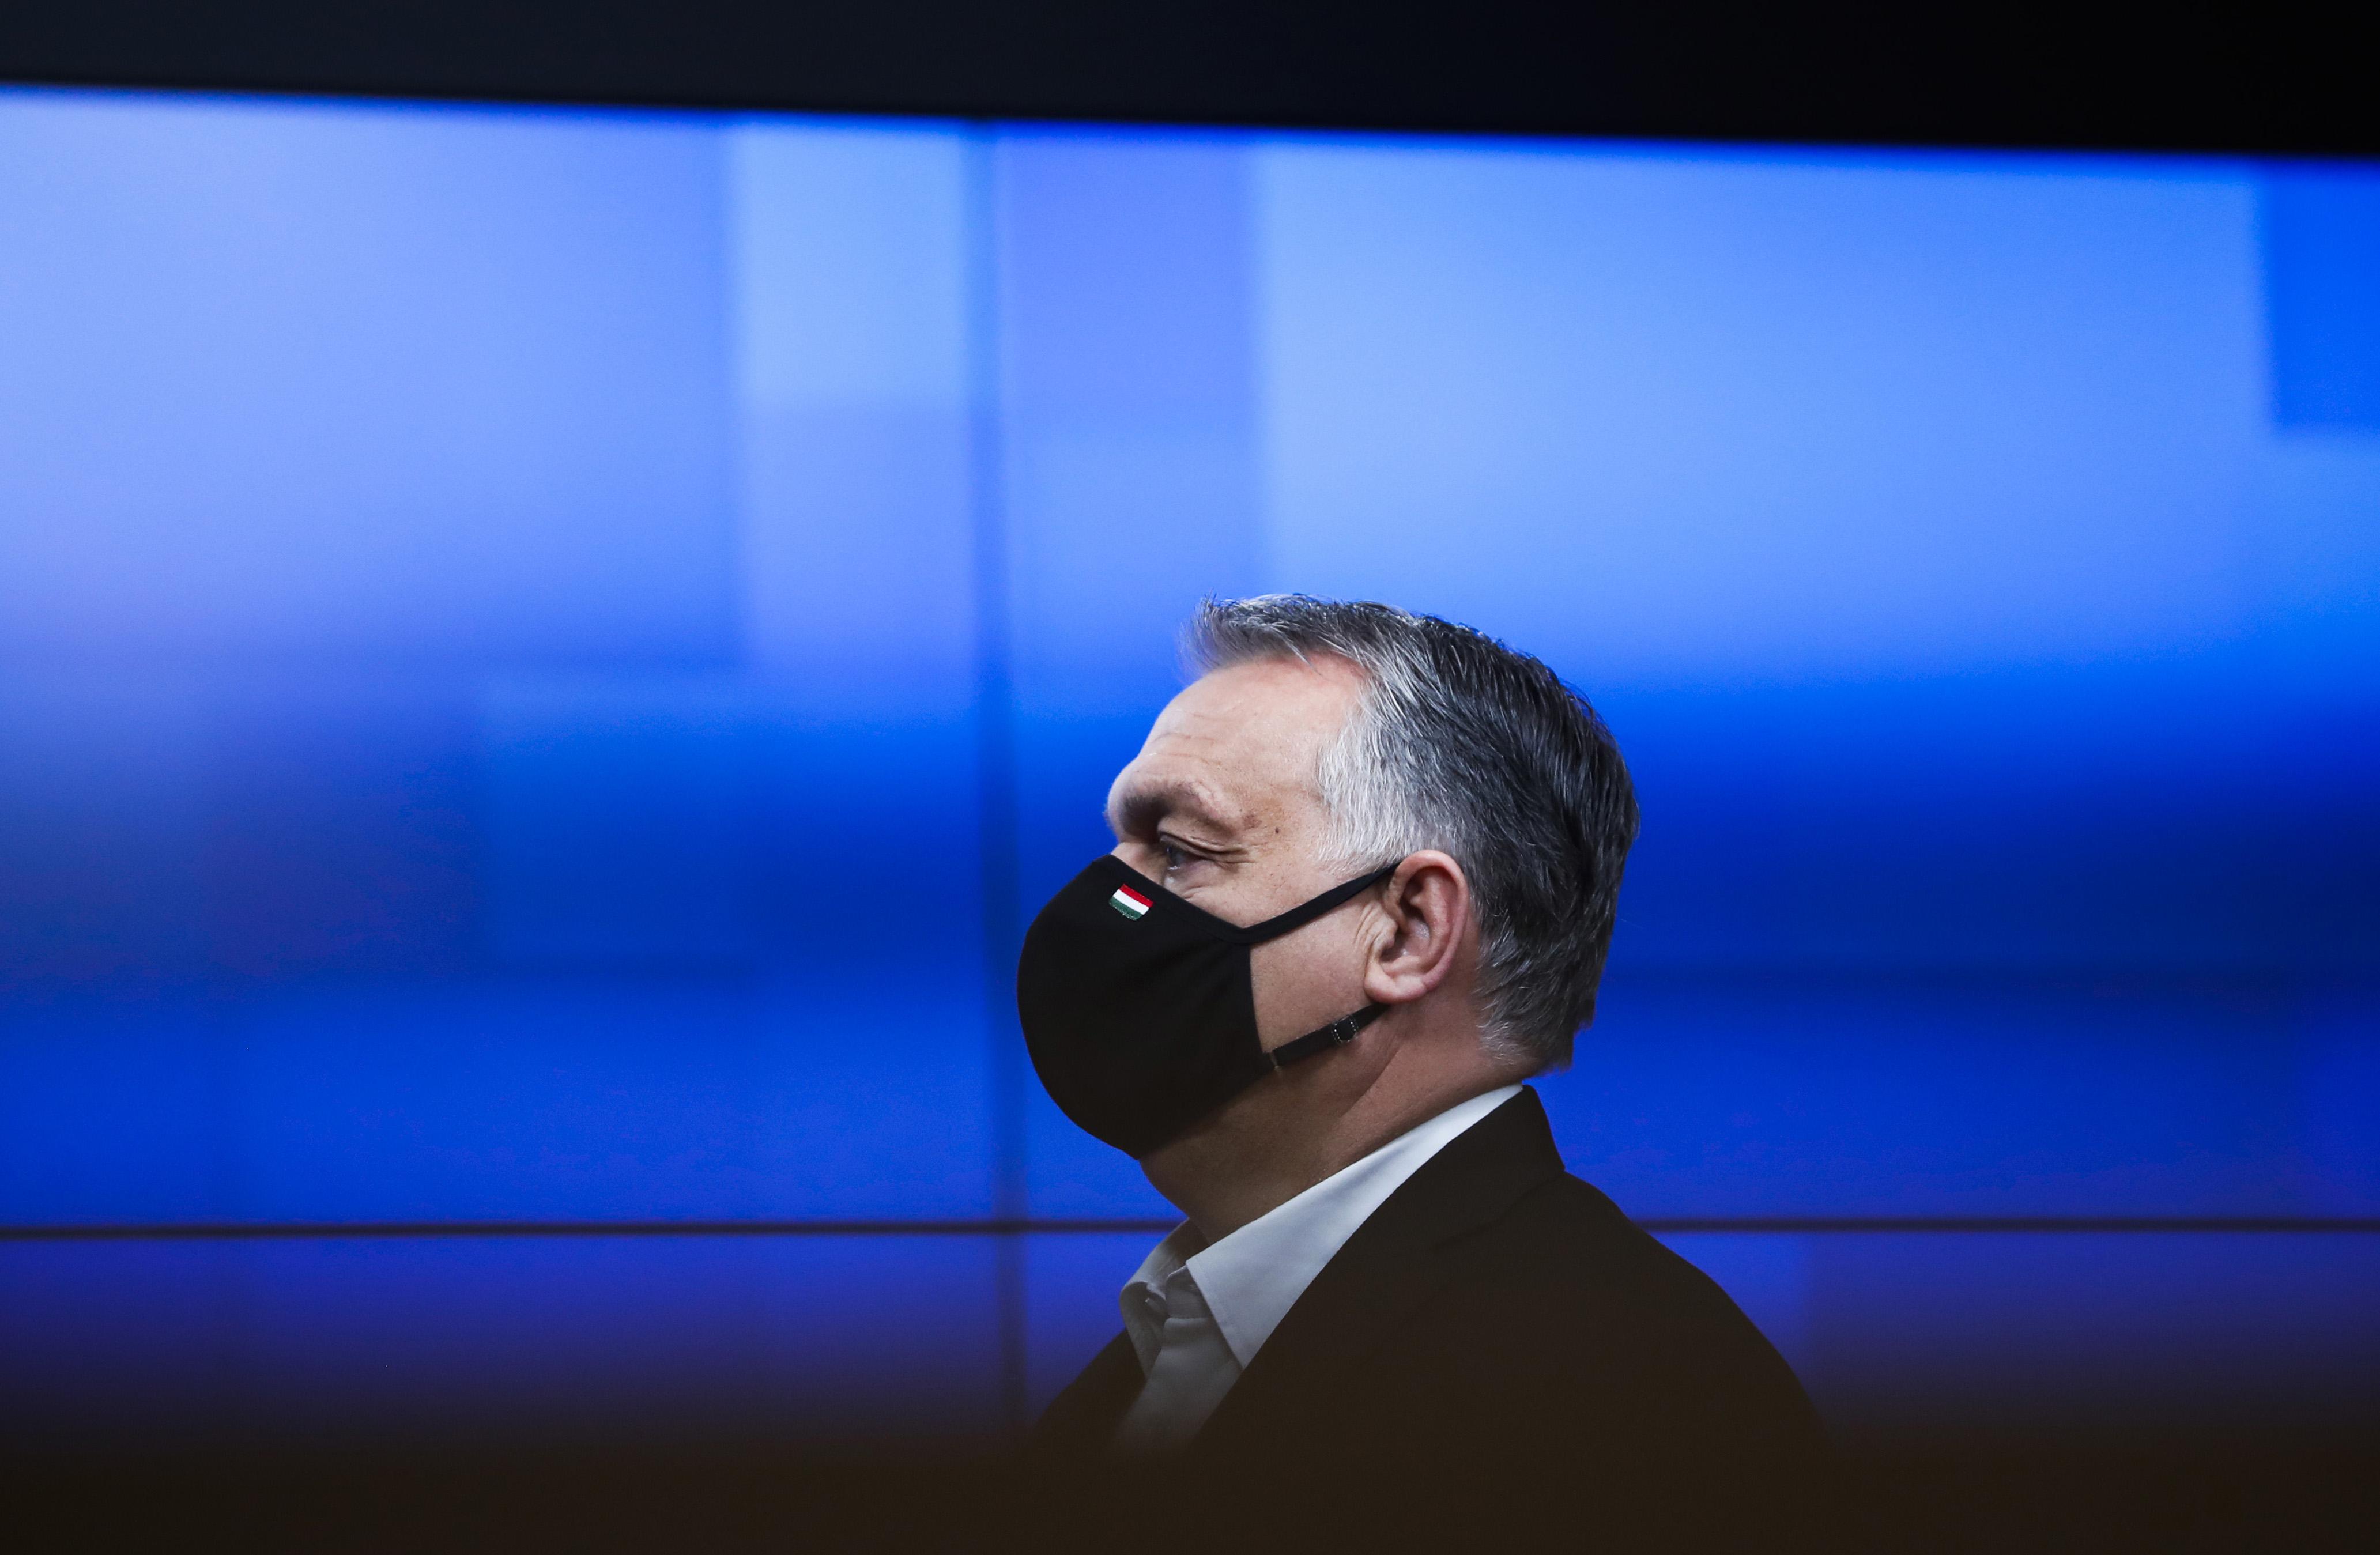 """Orbán viszontválasza Webernek: """"Bennünket okol, amiért nem teljesültek az Európai Bizottság elnöki székét megcélzó ambíciói"""""""